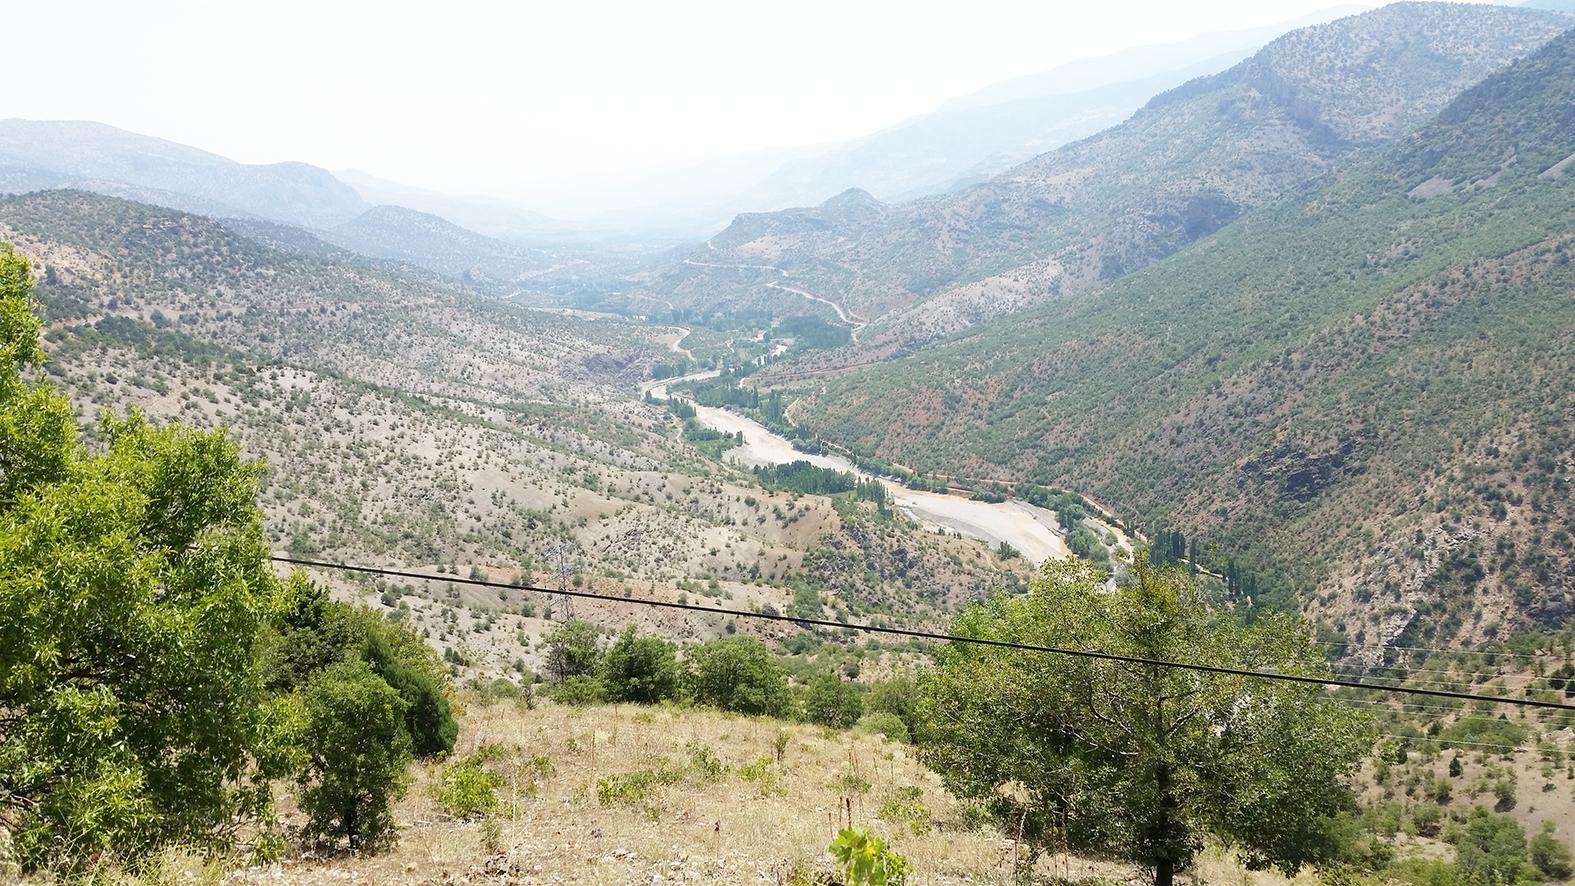 aladag-vadisinin-ucsuz-bucaksiz-uzakliklarda-dağlarin-yamaçlarinda-tamamen-üzüm-çubuklari-görülmekte.jpg